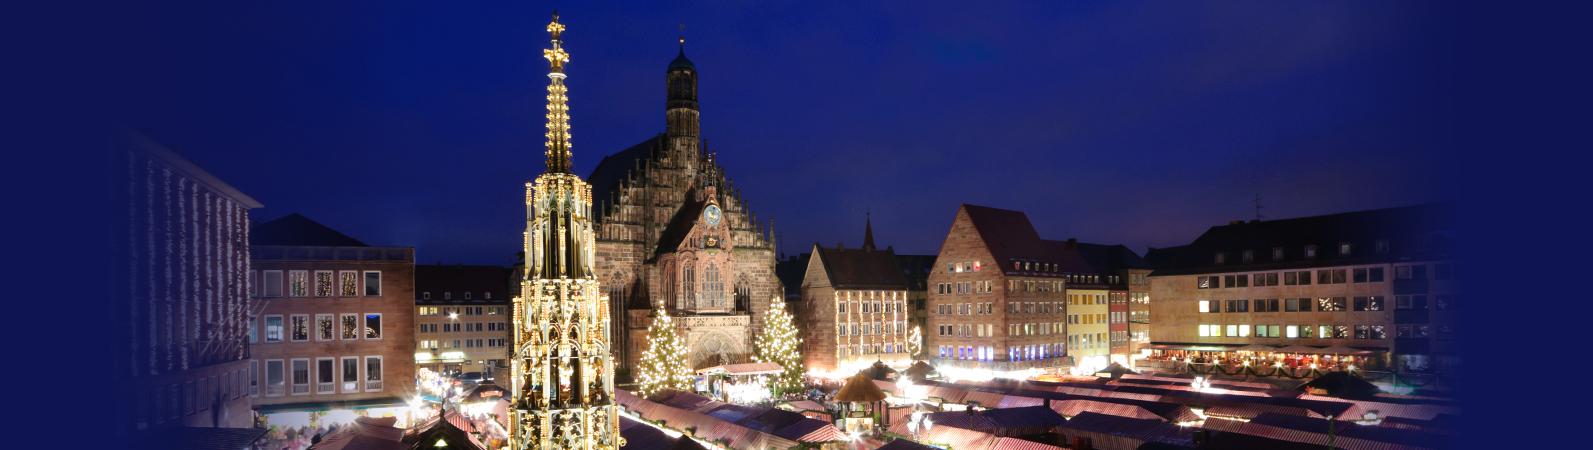 christkindlesmarkt_slider2